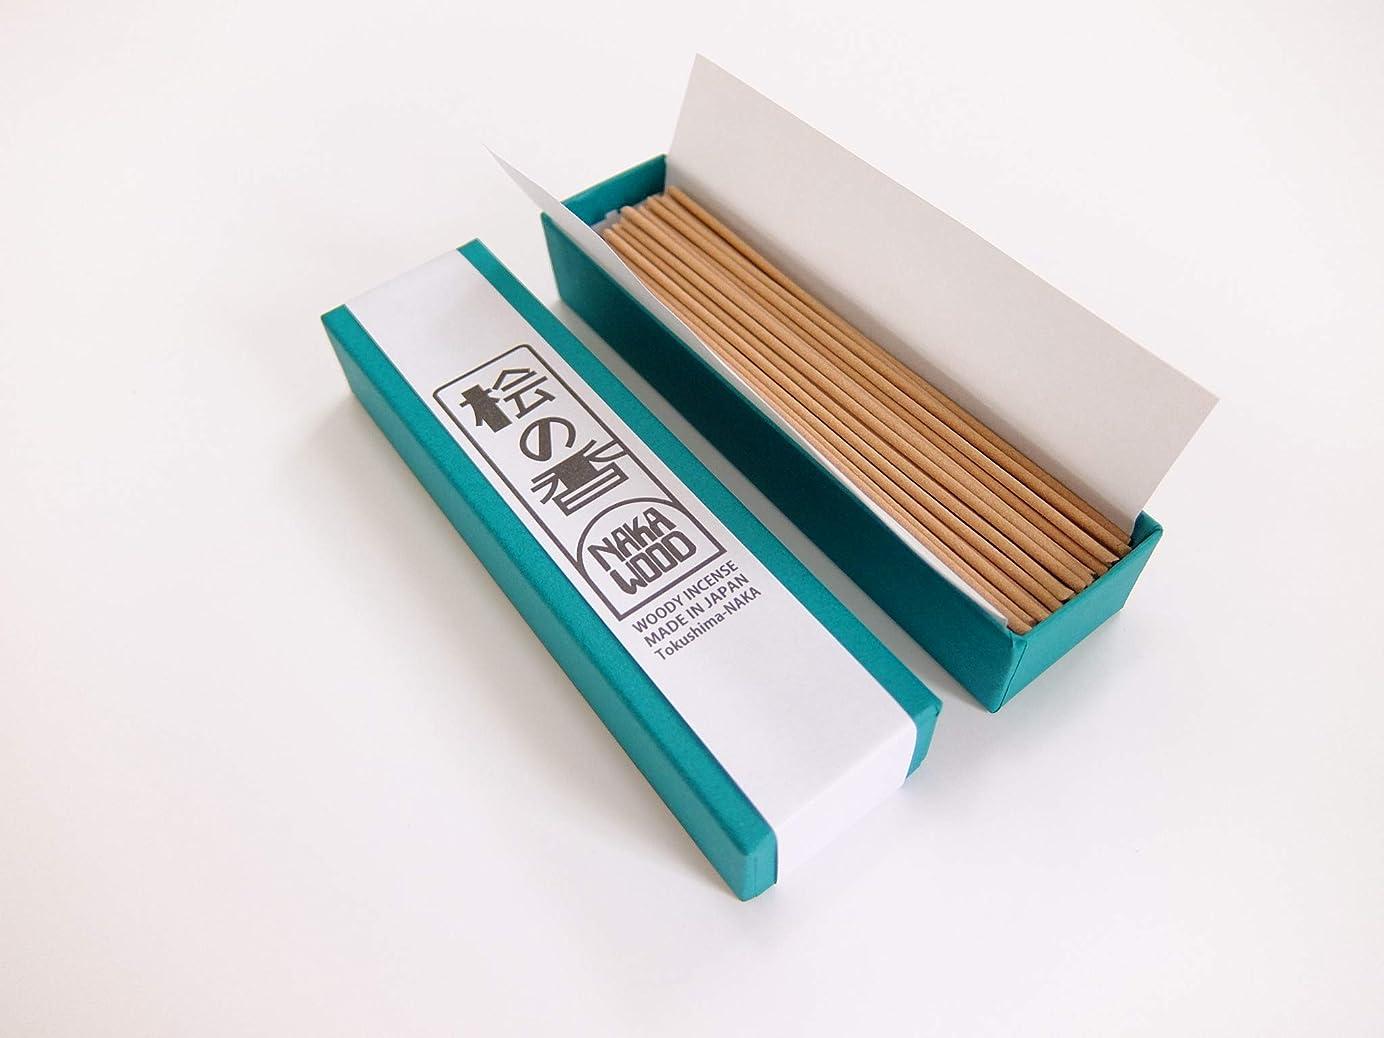 洗剤神経浸透する木の香 Woody Incense 桧の香(大) ウッドデザイン賞2017受賞